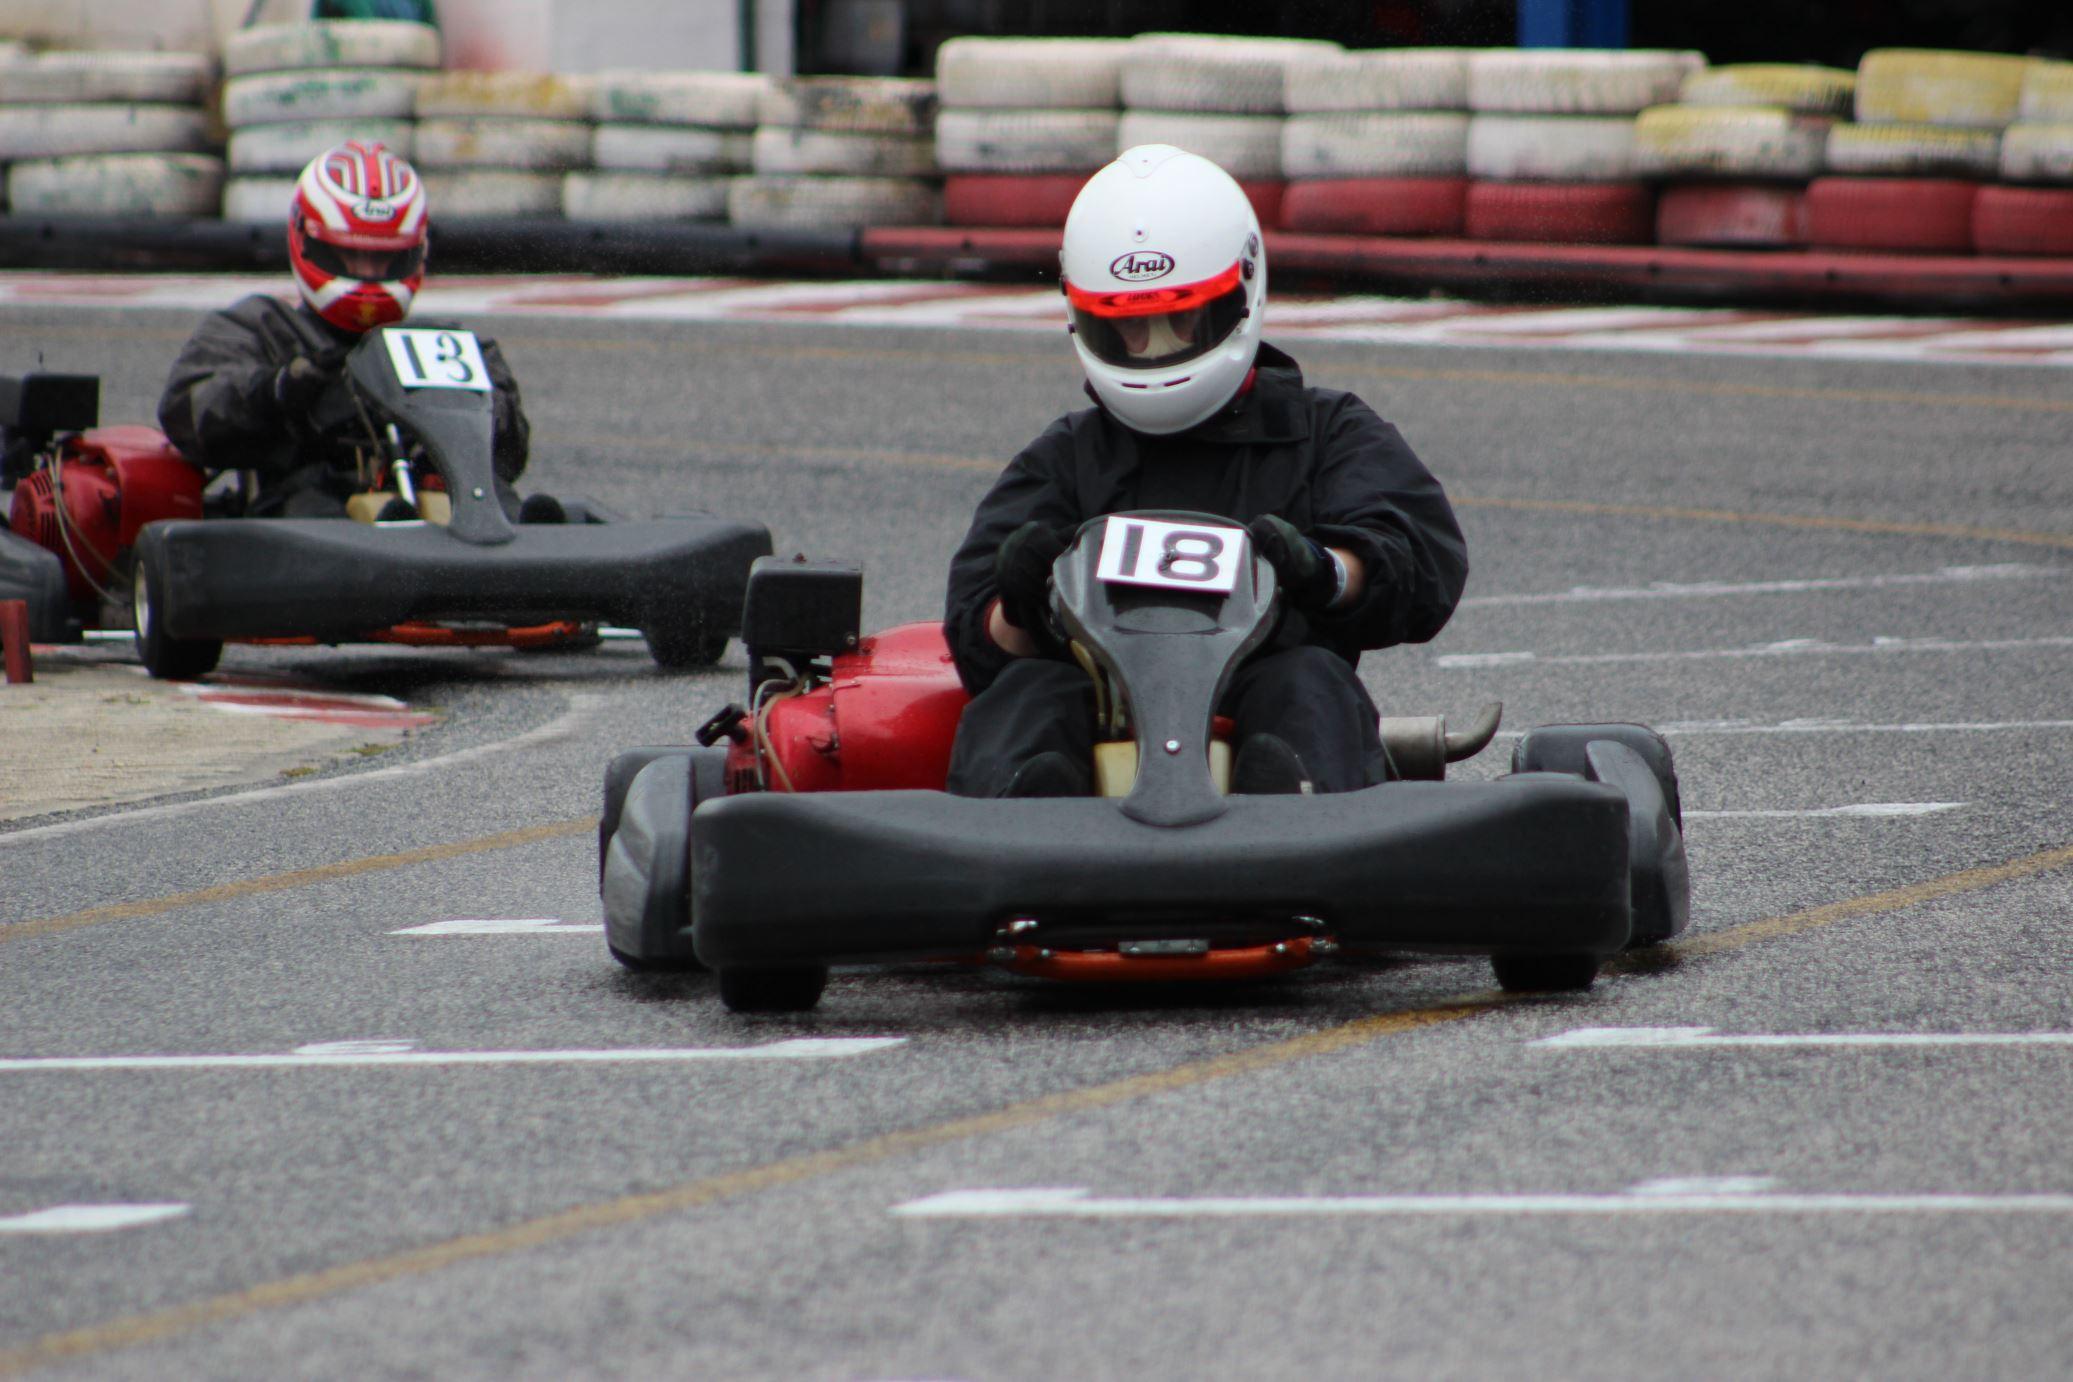 Troféu Honda 2014 - 2ª Prova66